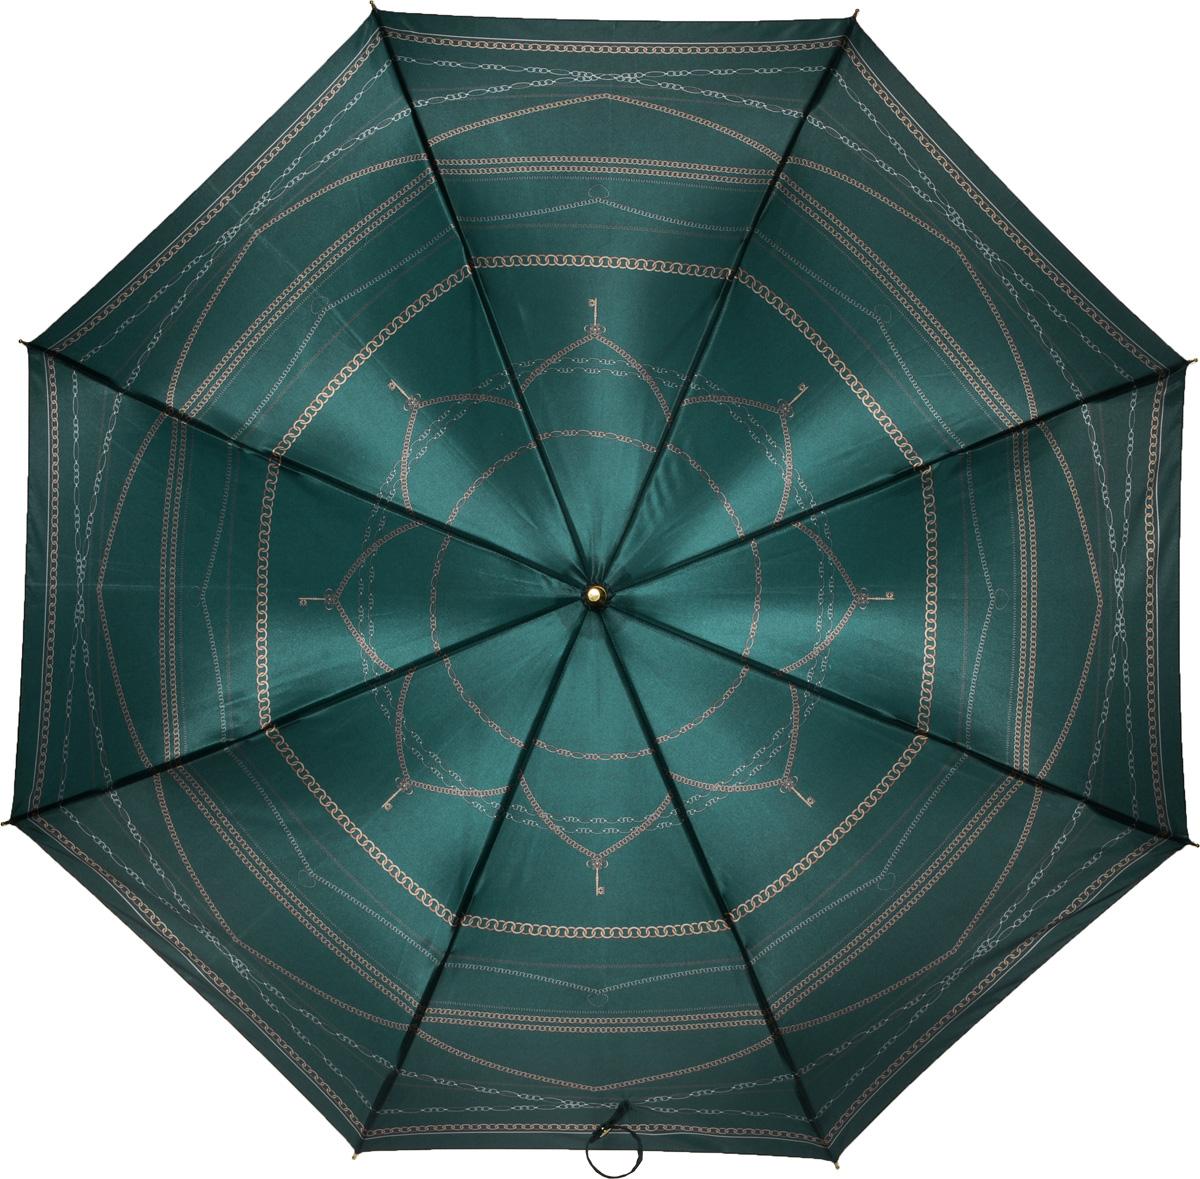 Зонт женский Fabretti, механика, трость, цвет: зеленый. 1608Серьги с подвескамиЖенский зонт-трость от итальянского бренда Fabretti. Конструкция модели - механика. Эксклюзивный дизайнерский принт зонта сделает вас неотразимыми в любую непогоду. Материал купола - полиэстер. Он невероятно изящен, приятен на ощупь, обладает высокой прочностью, а также устойчив к выцветанию. Эргономичная ручка сделана из высококачественного пластика.